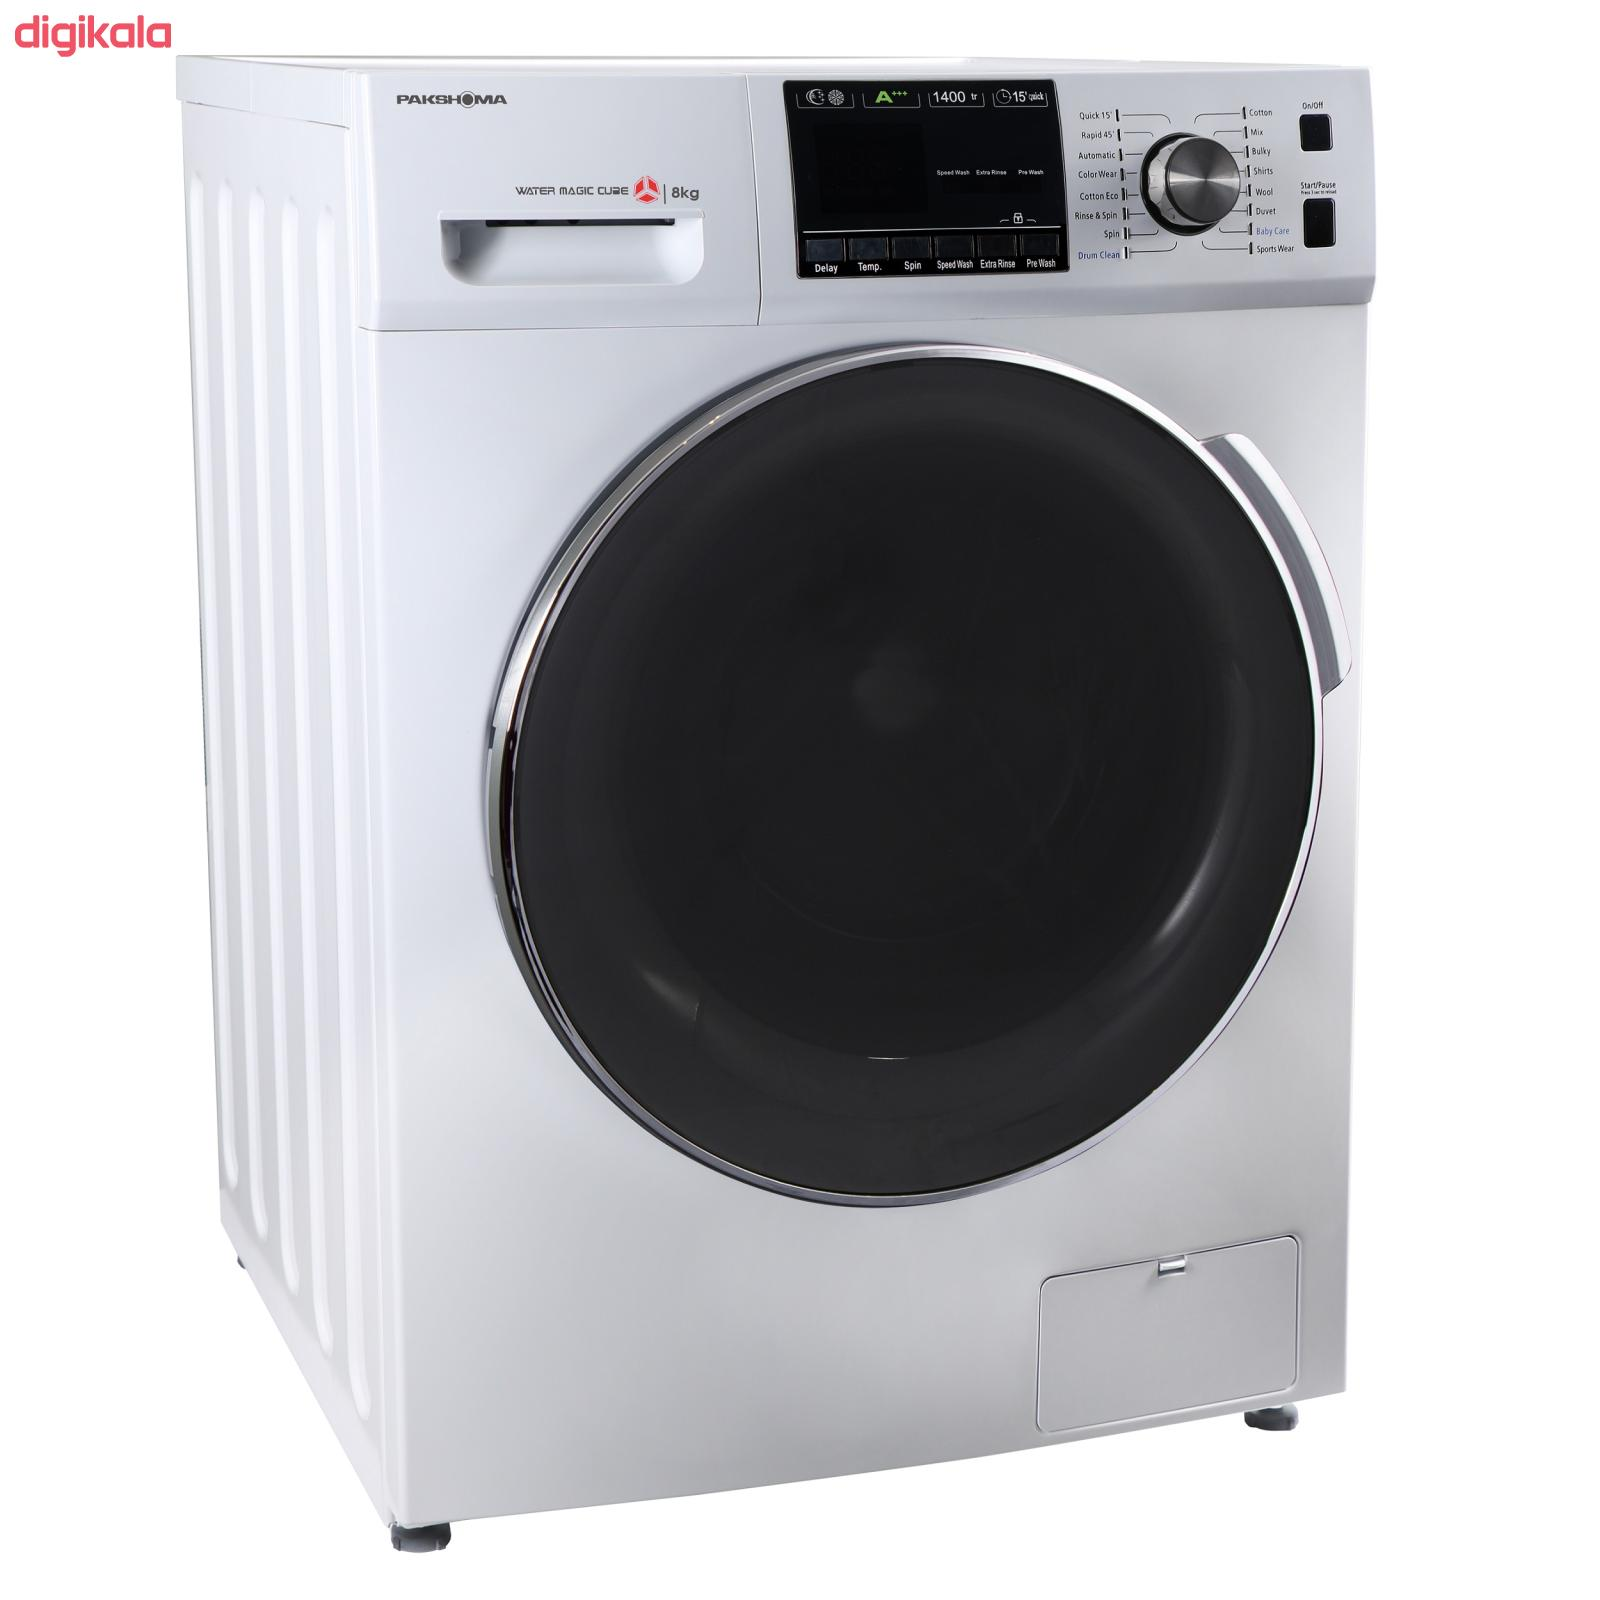 ماشین لباسشویی پاکشوما مدل TFU-84401 ظرفیت 8 کیلوگرم main 1 5